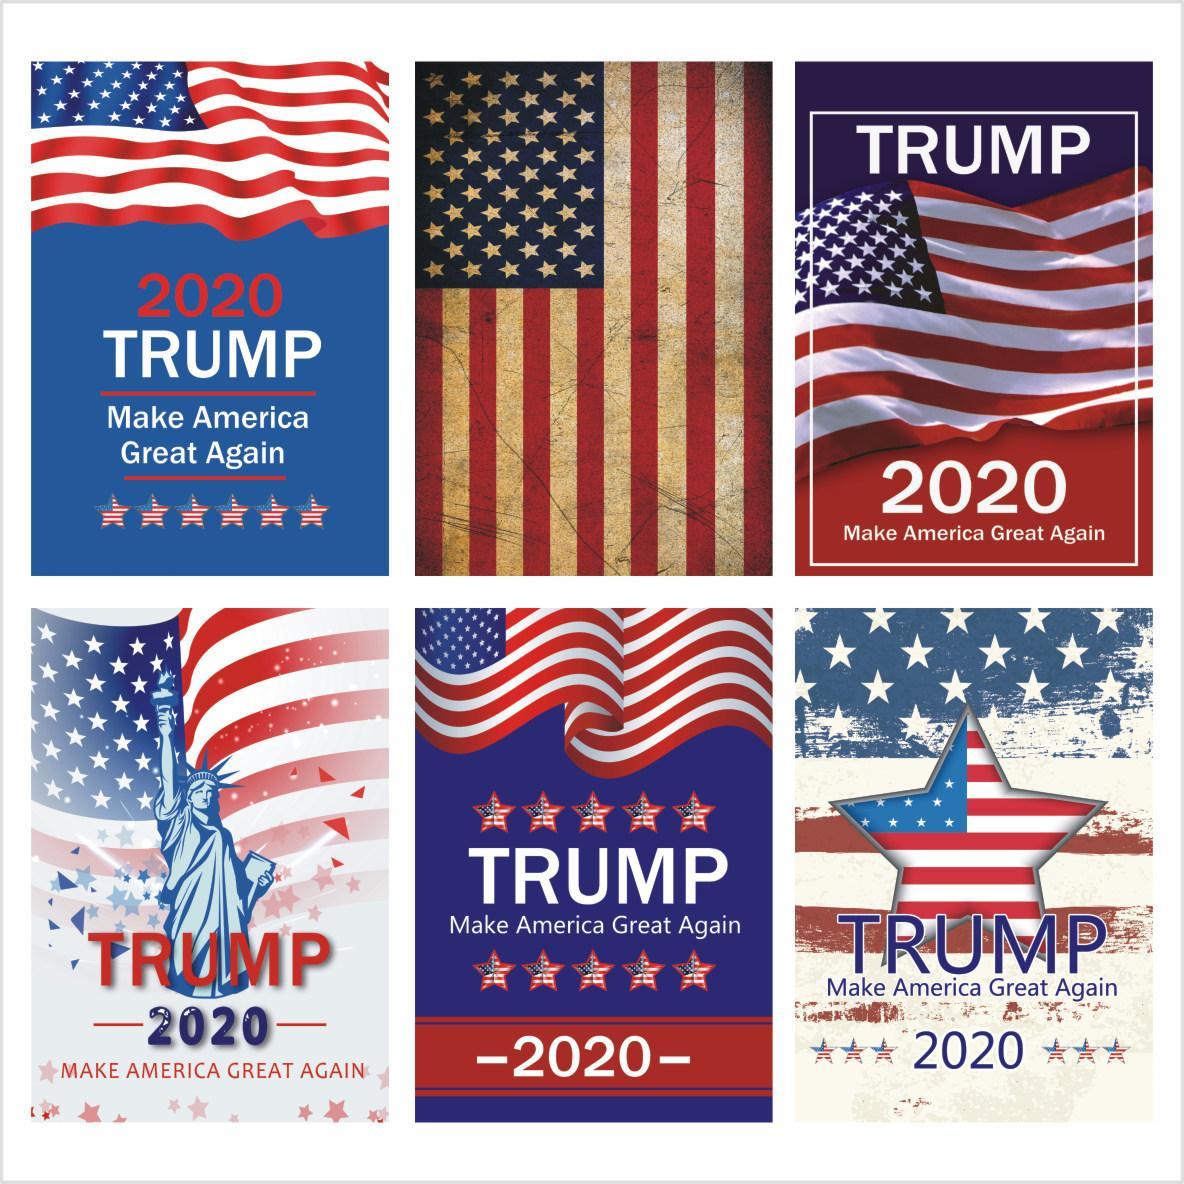 Trump 2020 Bandera 13 estilos Banderas Donald Mantenga Flags America Presidente Gran Nuevamente Poliéster Decoración Bandera Para EE.UU. Trump fuentes del partido